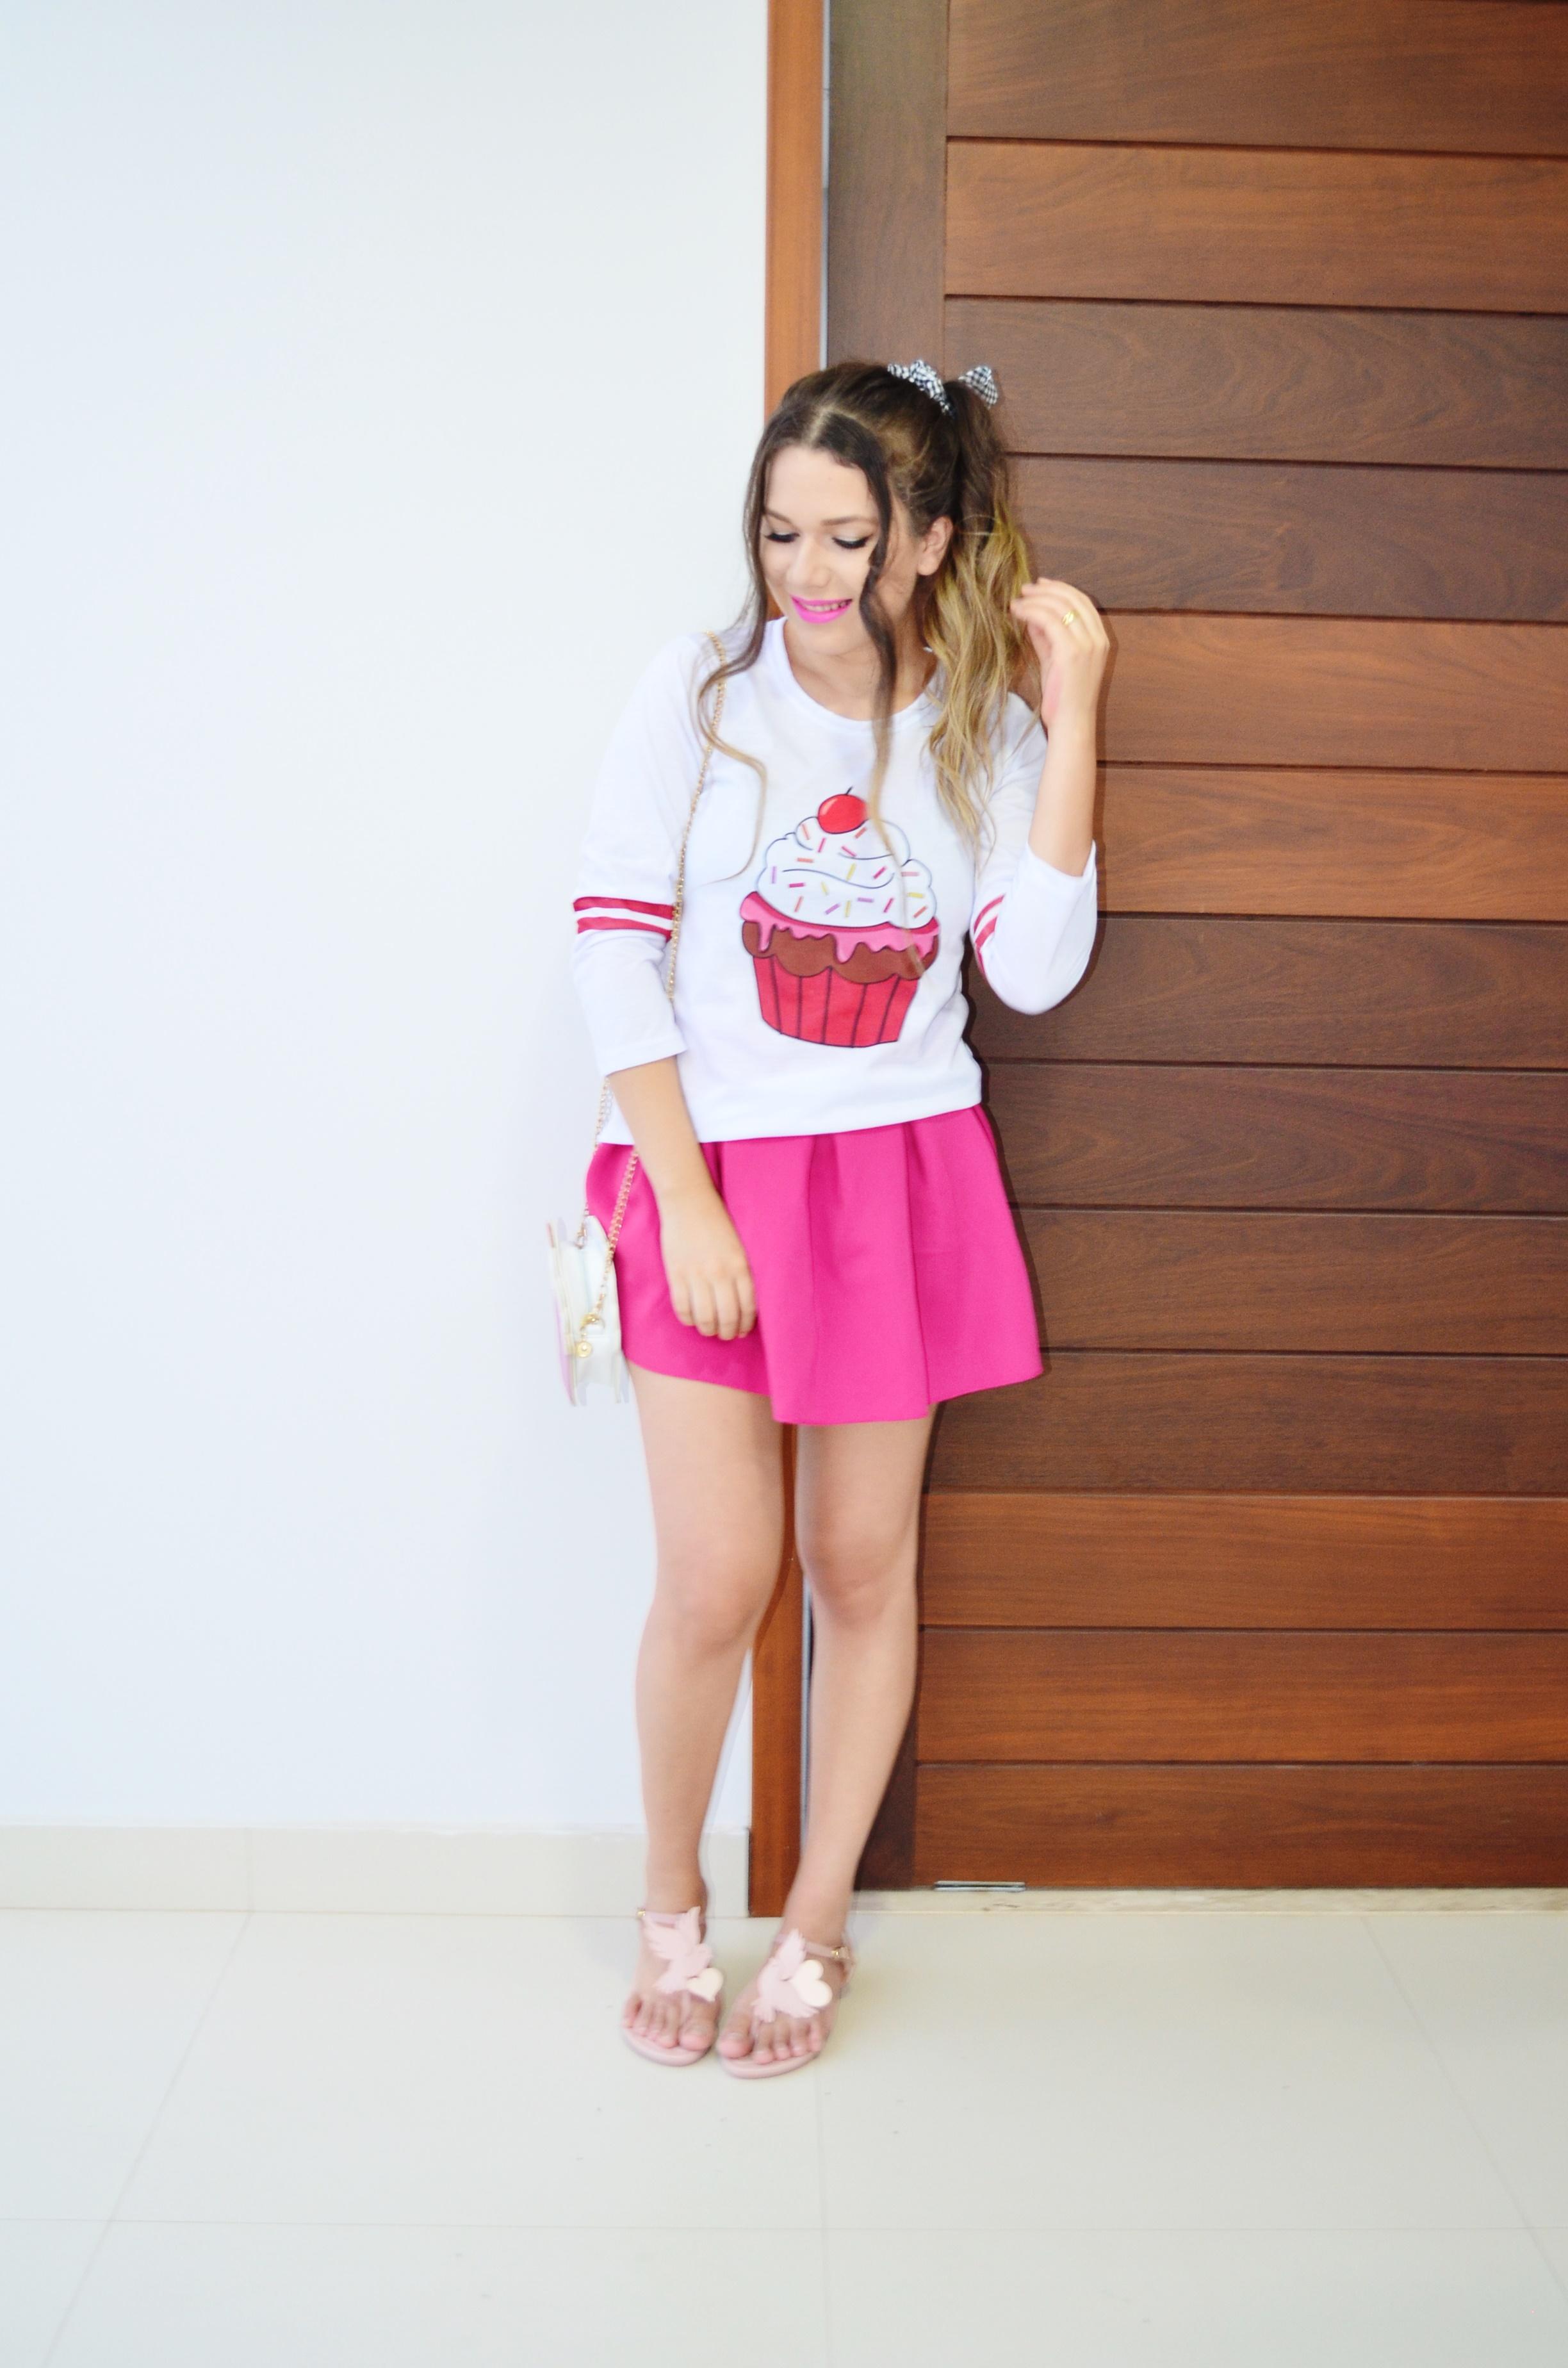 look-melissa-vivienne-westwood-anglomania-melissa-solar-ii-camisa-cupcake-e-saia-pink-7